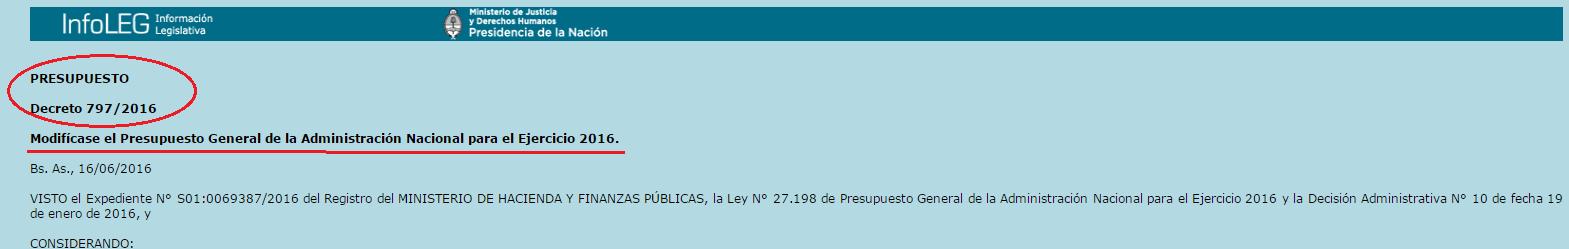 Nota-Con ayuda de los K, Calcaterra y Macri enterraron 45 mil millones.(1) 1